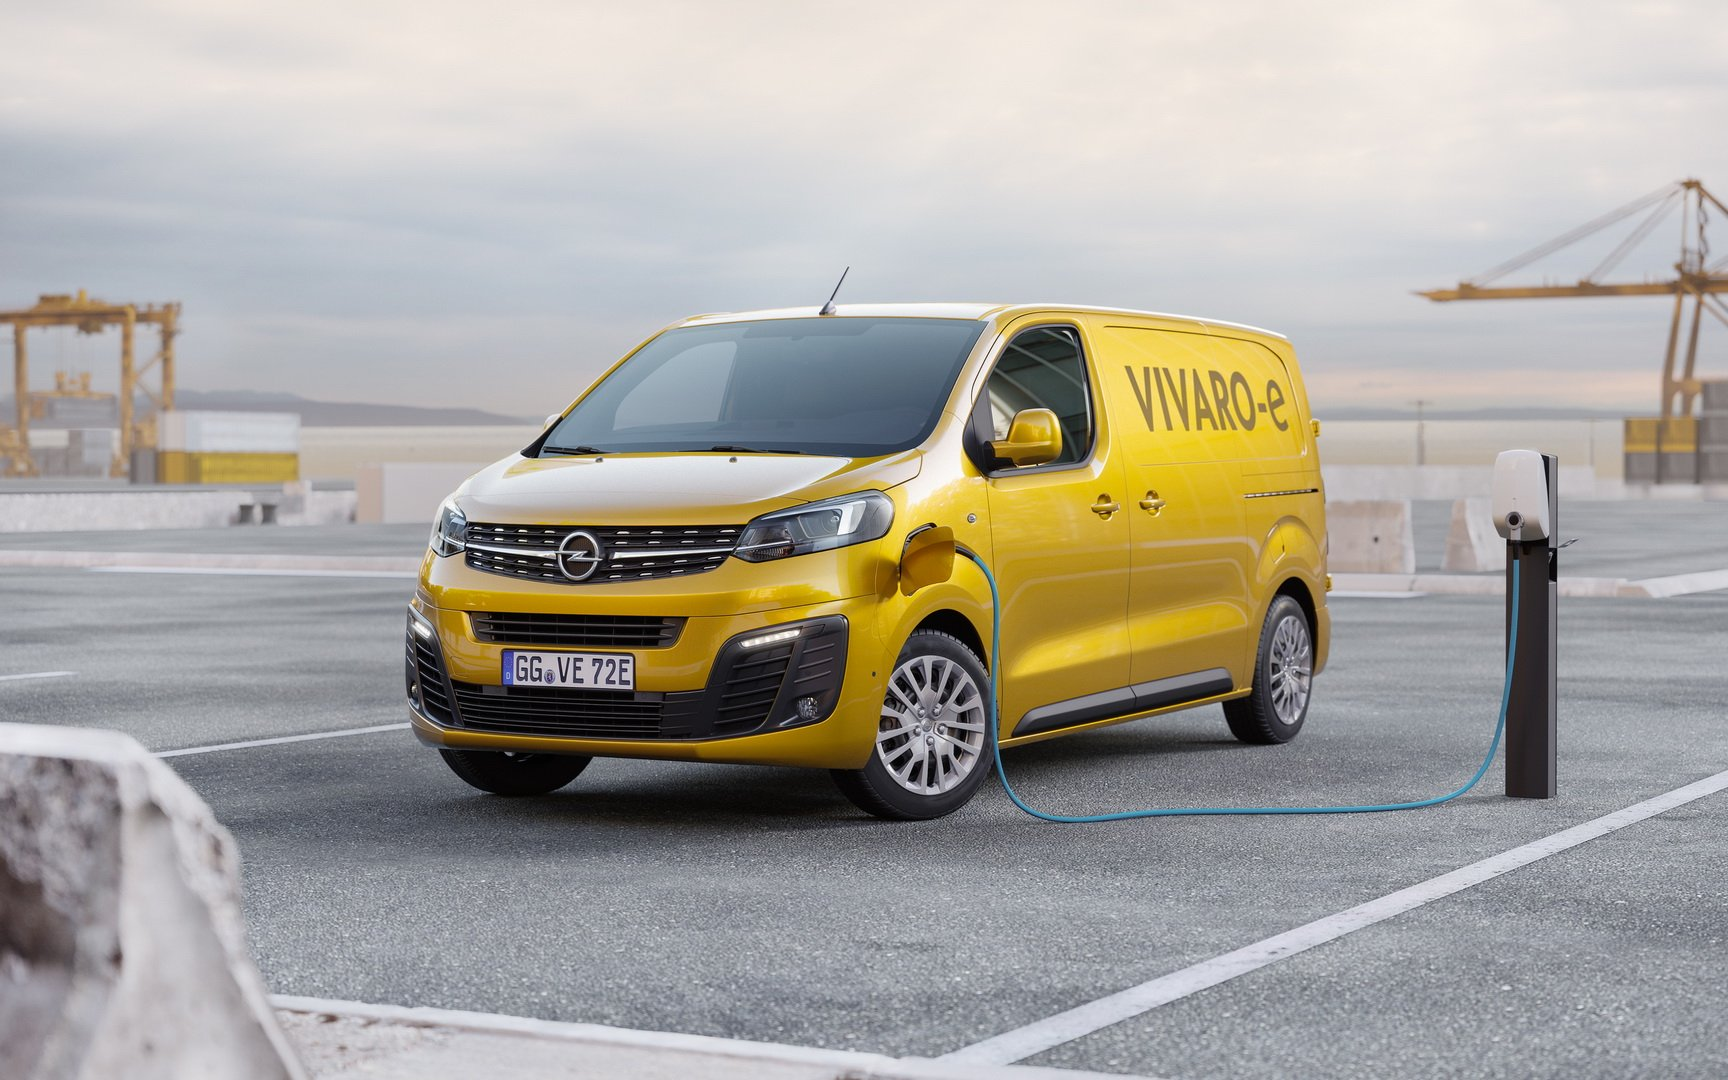 Opel Vivaro E Presentacion